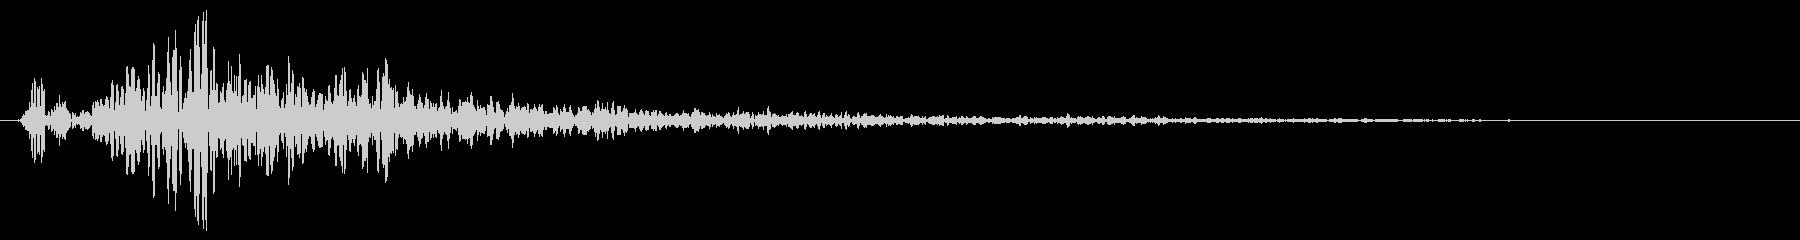 ブォン、と何かが起動する電子音の未再生の波形